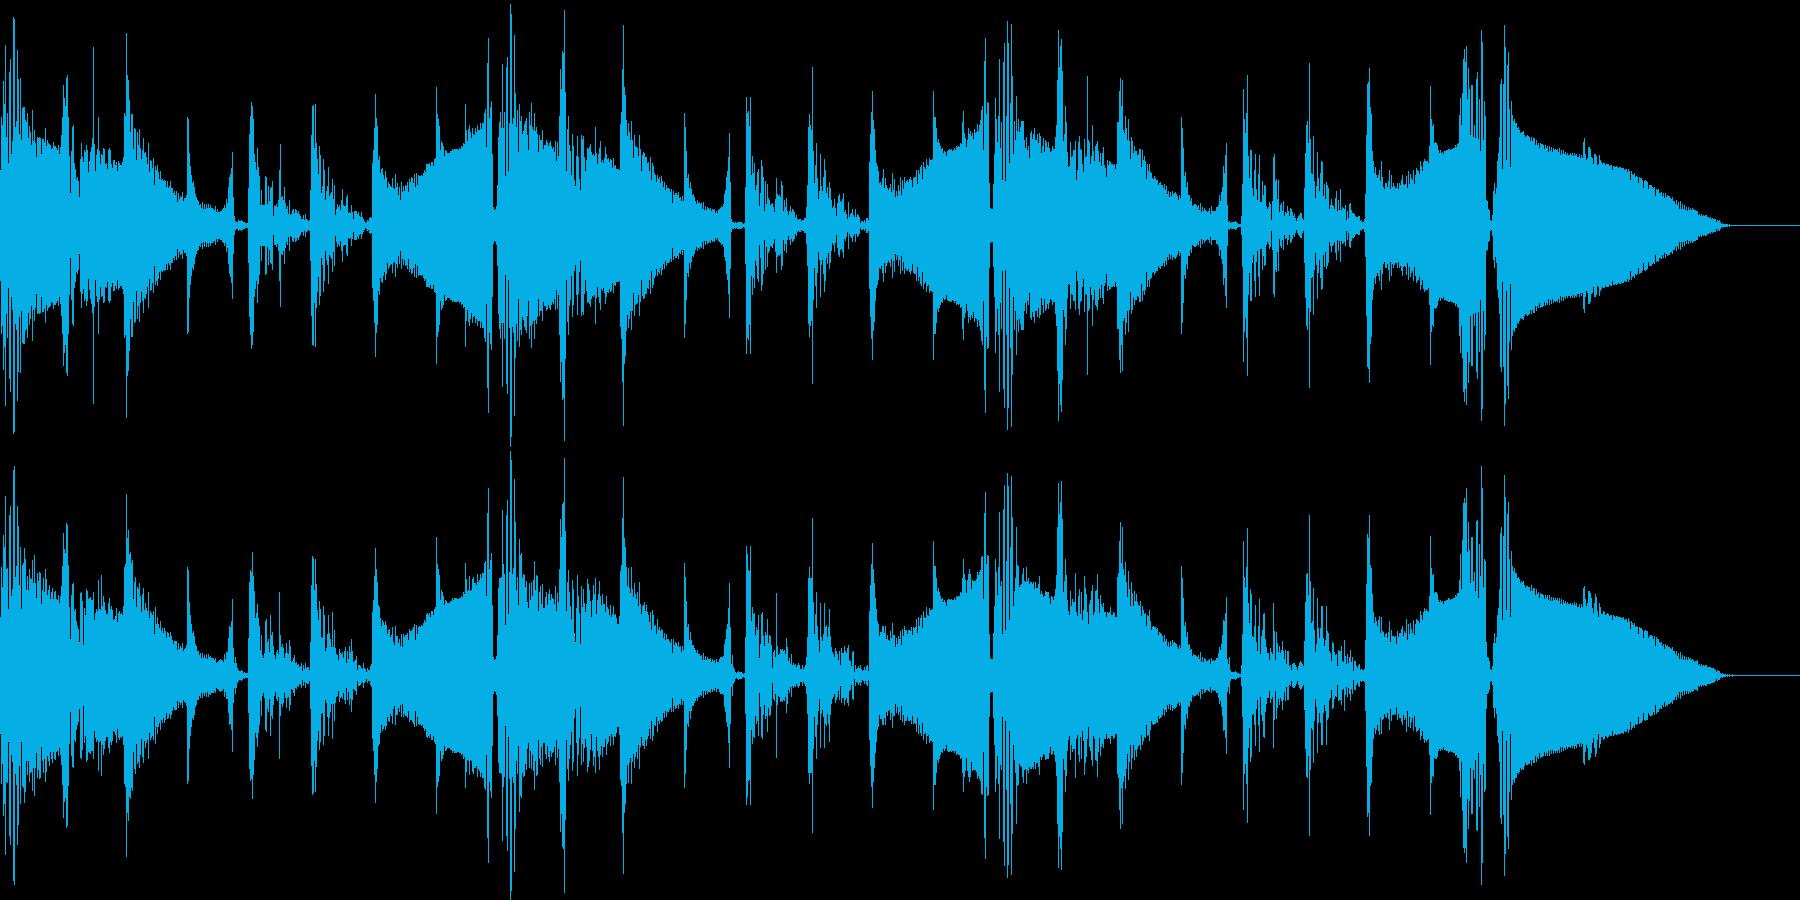 しっとりとしたBGMの再生済みの波形